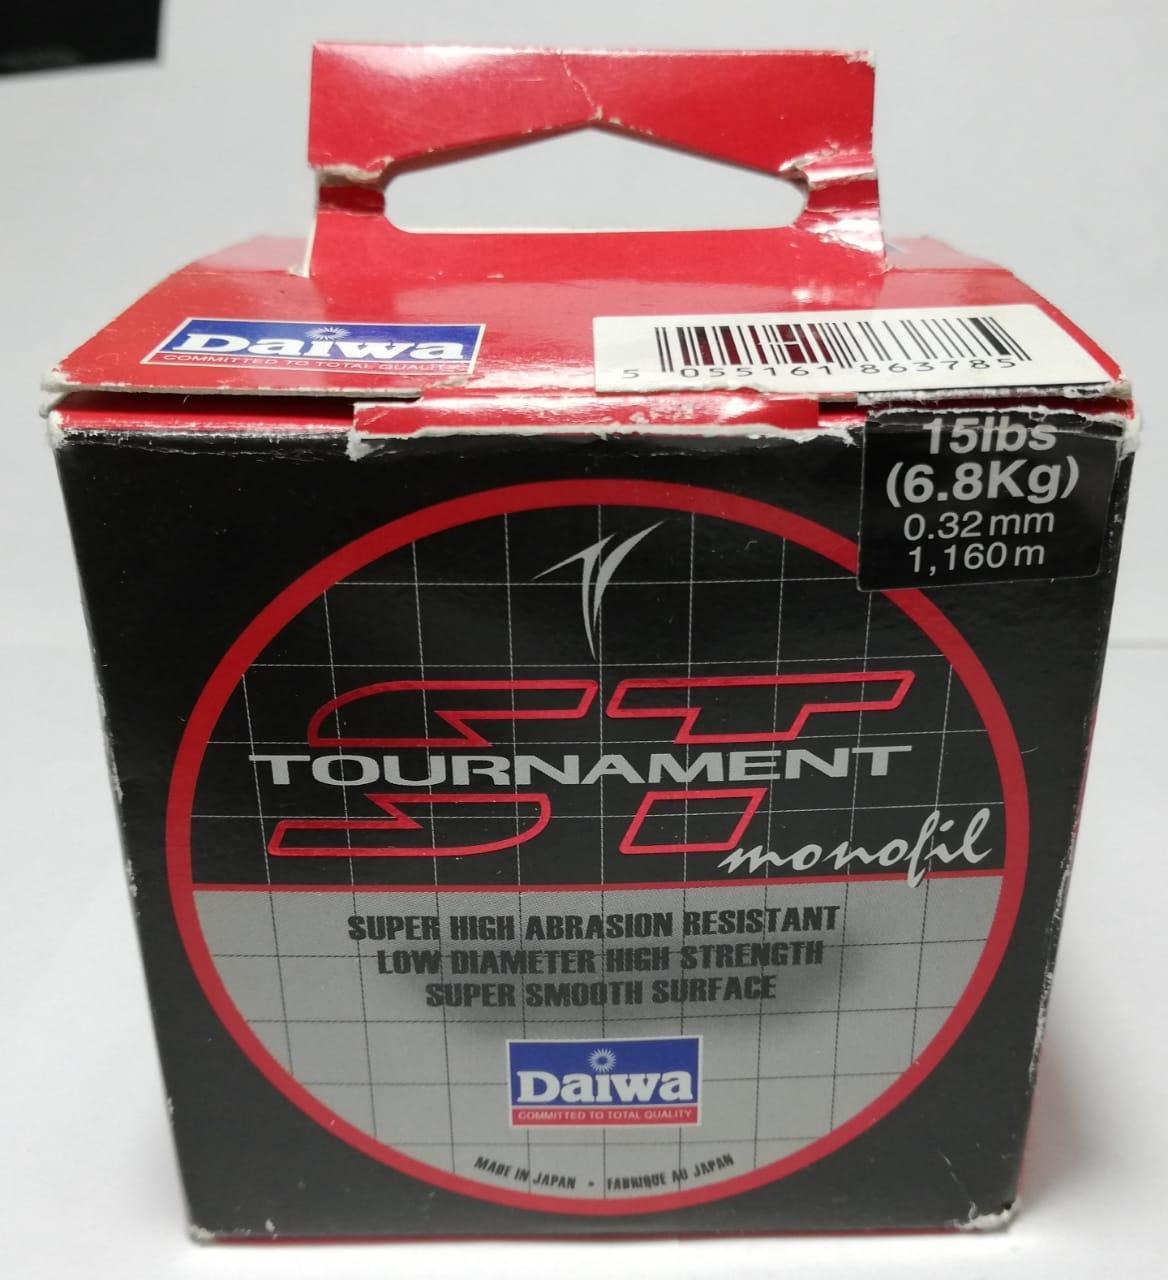 Леска Daiwa Tournament ST 15 Lb (0.32мм) - 1160м в Москве 89263358081 купить 1